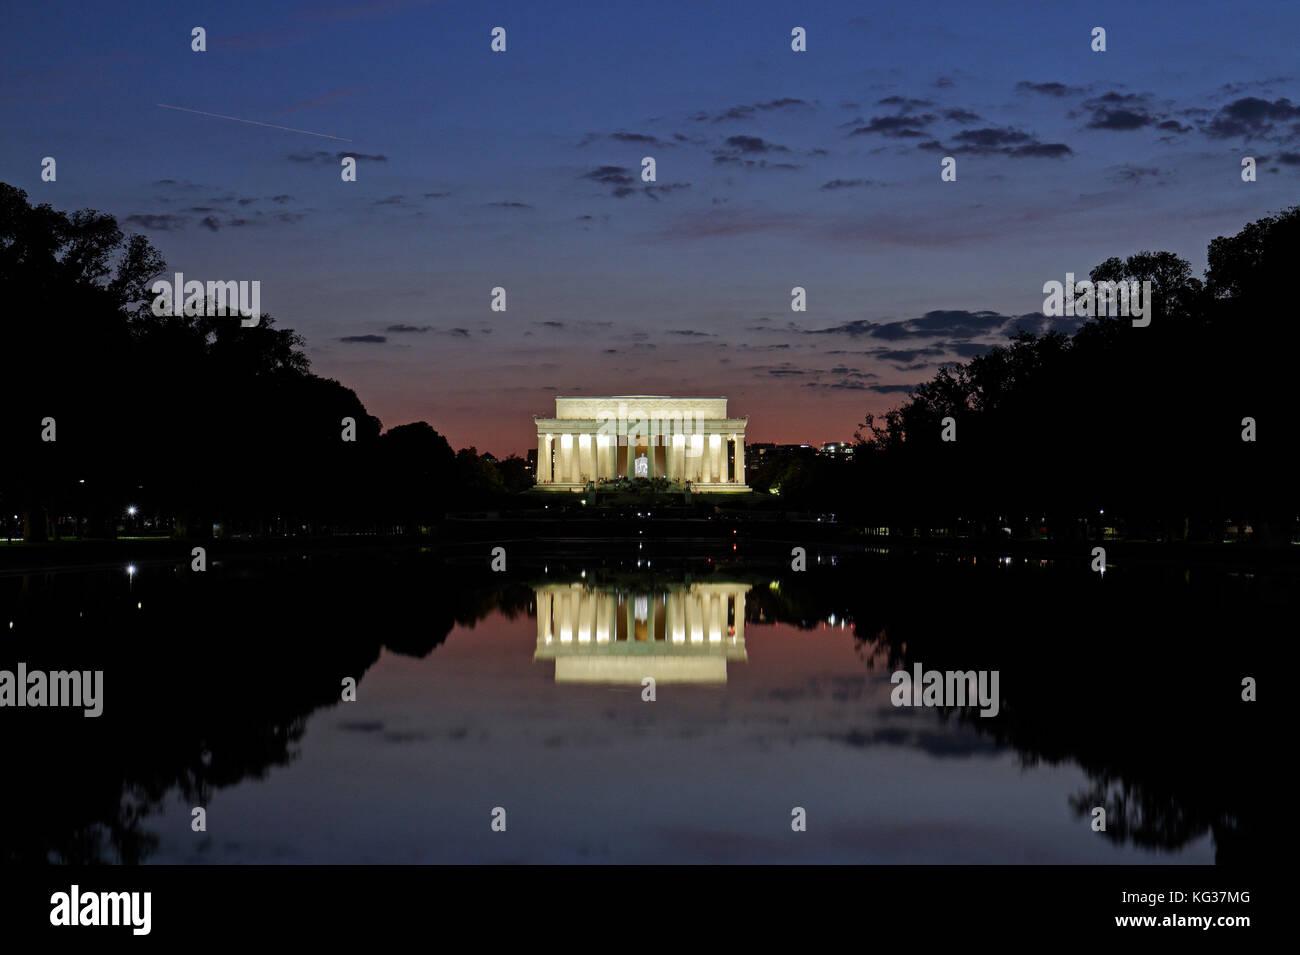 Puesta de sol en la piscina reflectante y el Lincoln Memorial, Washington DC, Estados Unidos de América. Imagen De Stock